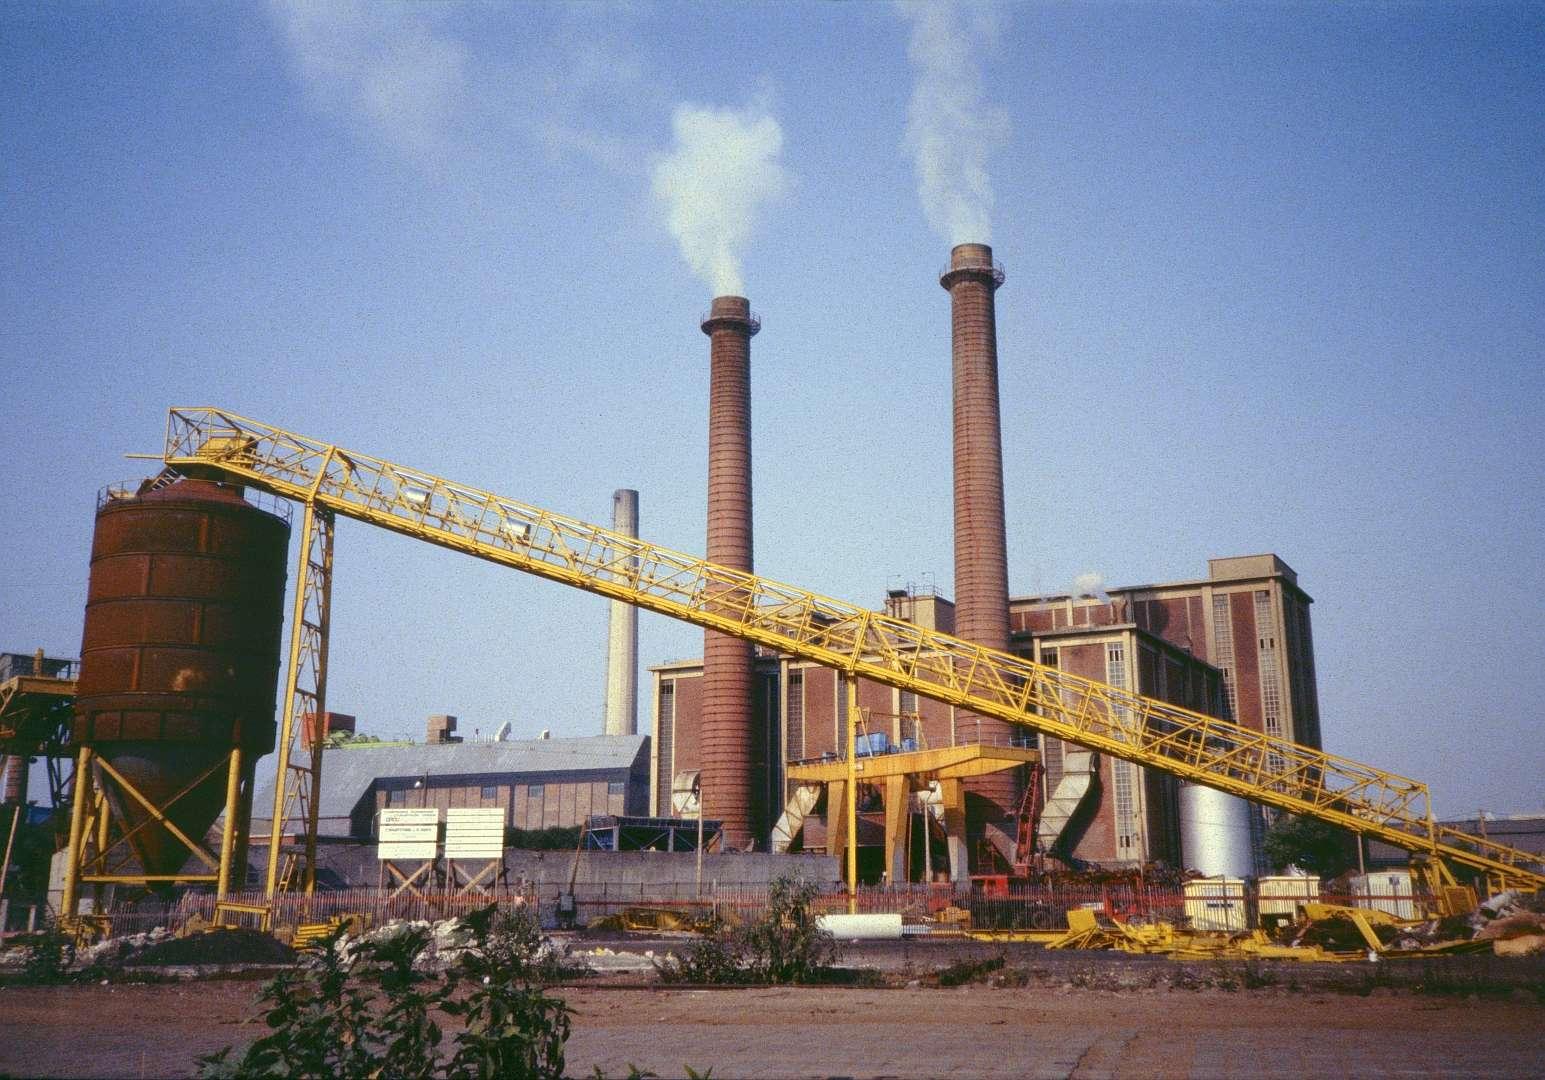 L'ancienne usine d'incinération d'ordures ménagères de Saint-Ouen (Seine-Saint-Denis). © Didier Duforest, Flickr, CC by-sa 2.0